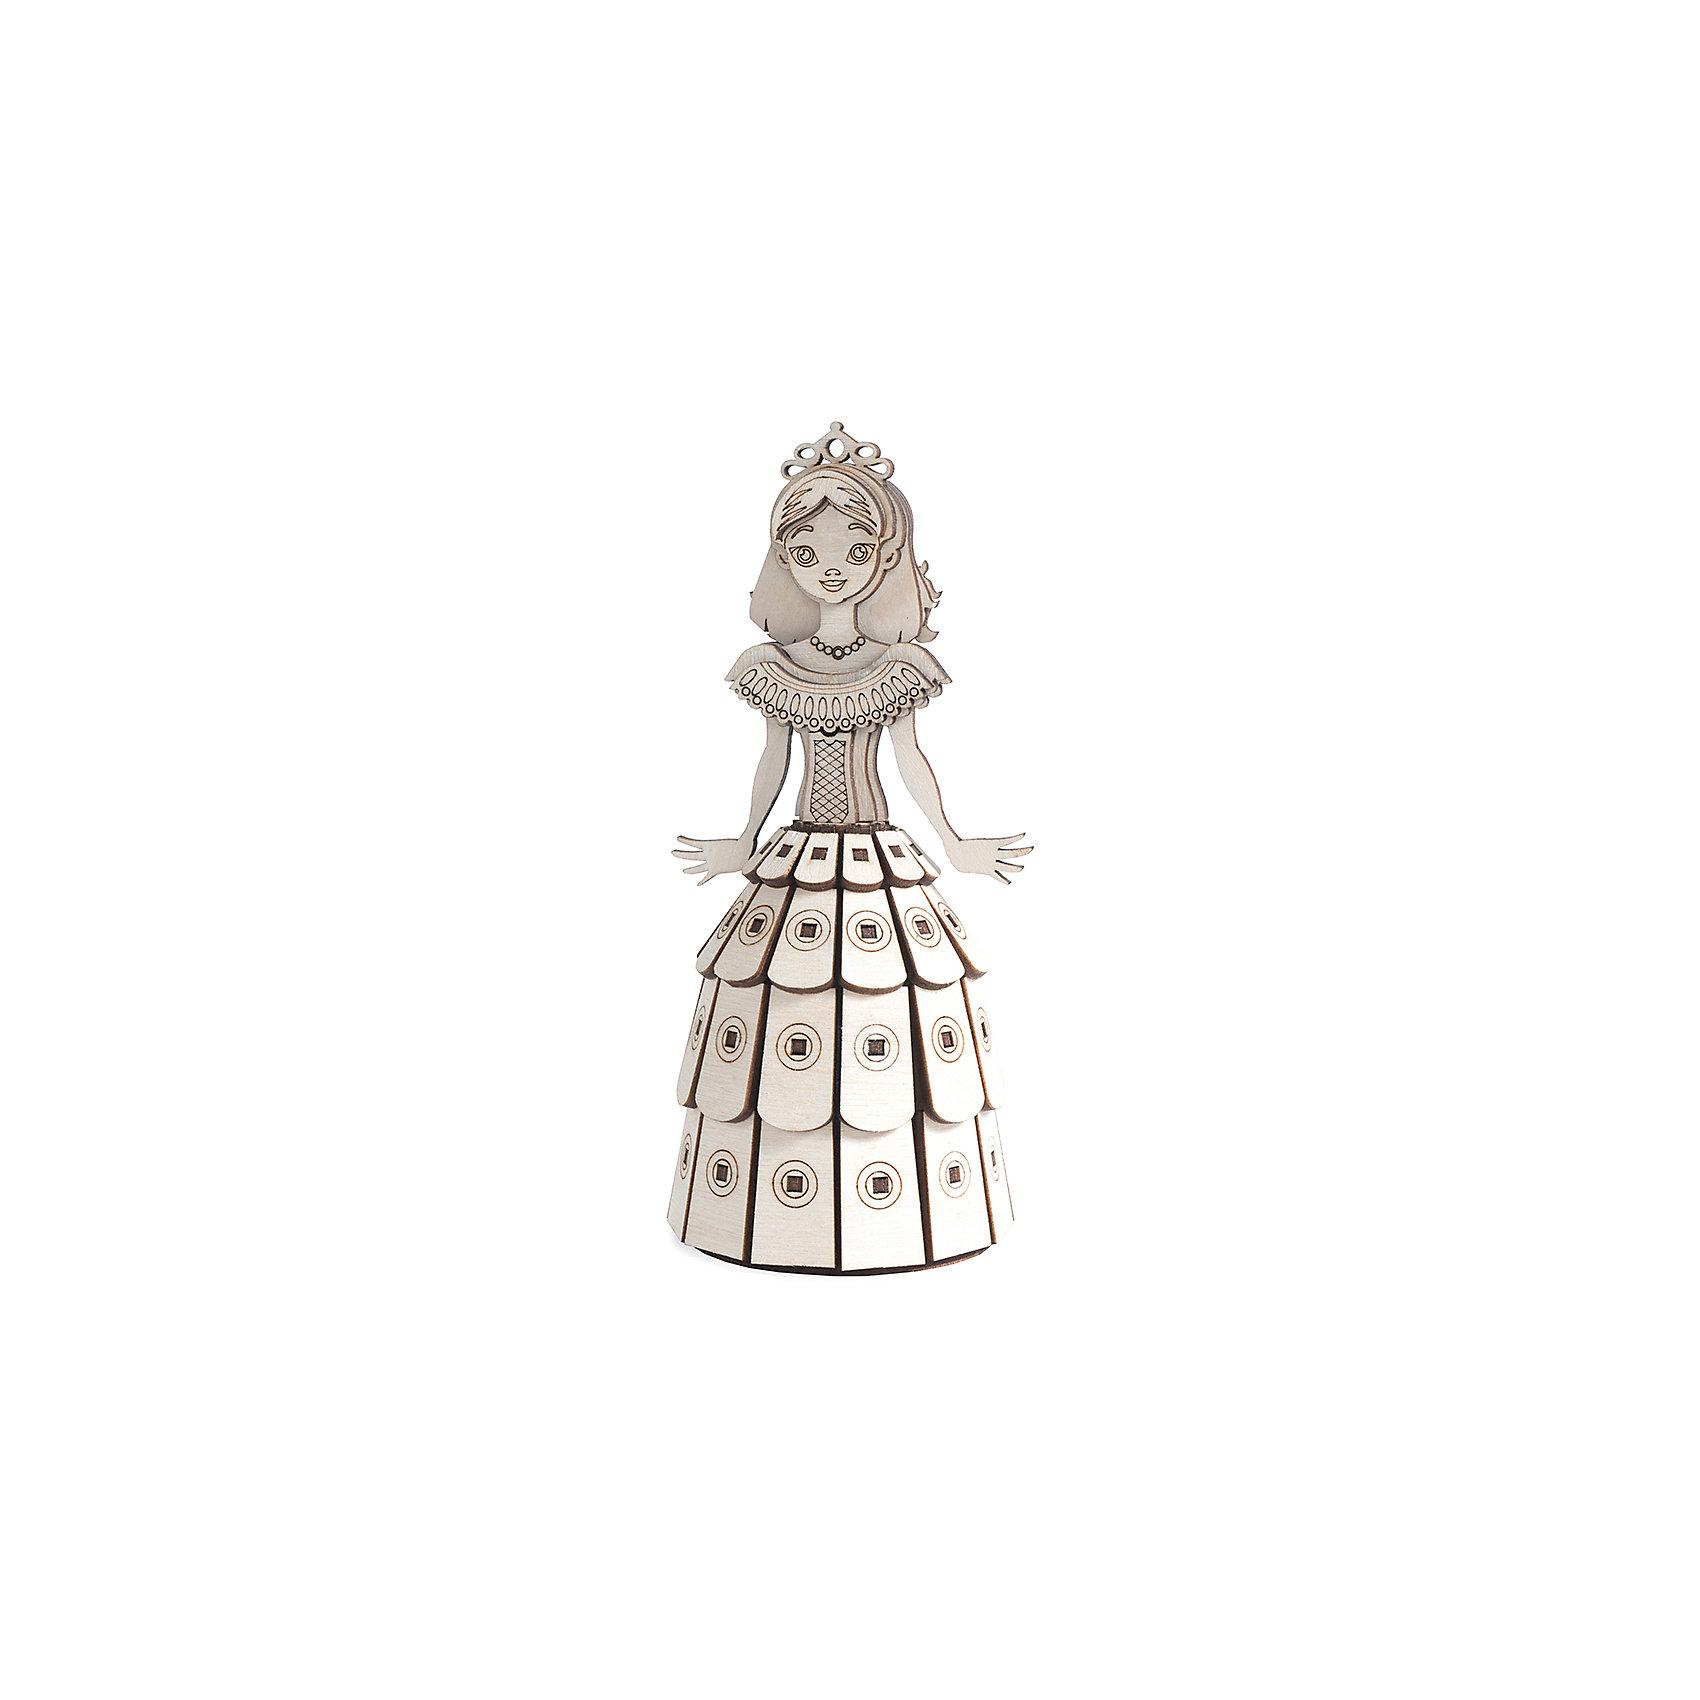 Деревянный  3D конструктор подвижный Принцесса, LemmoДеревянные конструкторы<br>Характеристики товара:<br><br>• количество деталей: 79;<br>• в комплекте: детали, клей ПВА, наждачная бумага, инструкция;<br>• материал: дерево;<br>• размер упаковки: 18х8х7,5 см;<br>• вес: 100 грамм;<br>• возраст: от 5 лет.<br>• страна производства: Россия<br><br>Деревянный 3D конструктор «Принцесса» предназначен для детей от пяти лет. Игра с конструктором способствует развитию пространственного и логического мышления, усидчивости, предметного моделирования и моторики рук.<br><br>В набор входят 79 деталей из качественной древесины, клей ПВА, инструкция и наждачная бумага. Склеив детали, ребенок сможет играть с новой игрушкой - фигуркой принцессы. Руки принцессы вращаются, что поможет разнообразить игру. Готовая фигурка подходит для окрашивания гуашью и акриловыми красками.<br><br>Деревянный  3D конструктор подвижный Принцесса, Lemmo (Леммо) можно купить в нашем интернет-магазине.<br><br>Ширина мм: 75<br>Глубина мм: 80<br>Высота мм: 180<br>Вес г: 100<br>Возраст от месяцев: 60<br>Возраст до месяцев: 2147483647<br>Пол: Женский<br>Возраст: Детский<br>SKU: 6918936